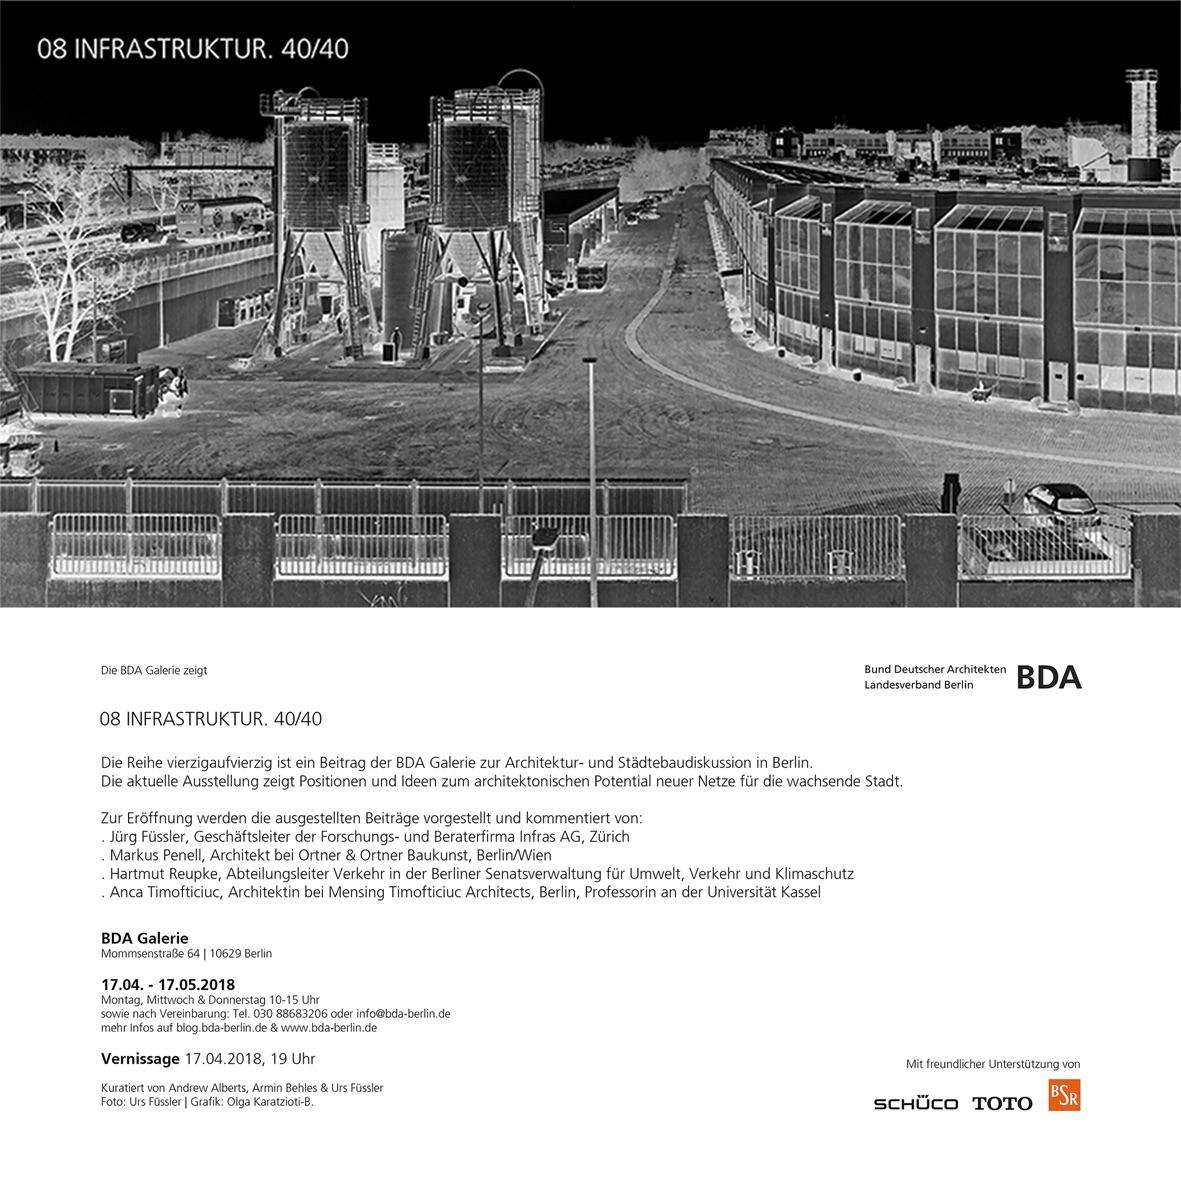 BDA-Galerie-Einladung-Infrastruktur.40_40-2018-Web